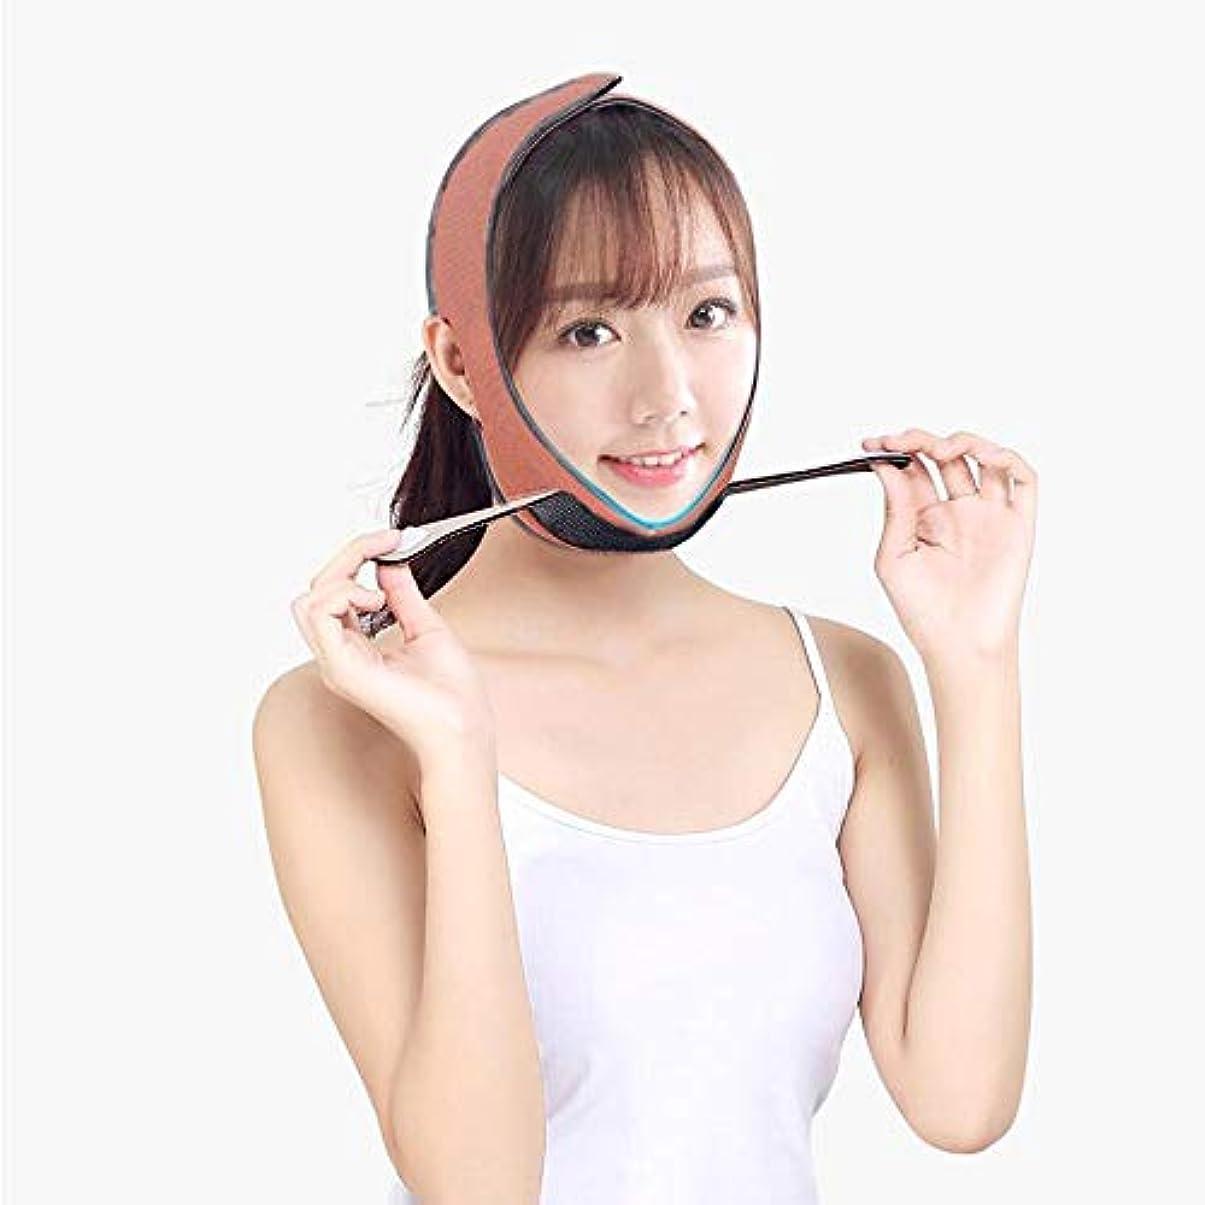 森香水石炭BS フェイシャルリフティングスリミングベルト - 薄いフェイス包帯Vフェイス包帯マスクフェイシャルマッサージャー無料整形マスク顔と首の顔を引き締めますスリム フェイスリフティングアーティファクト